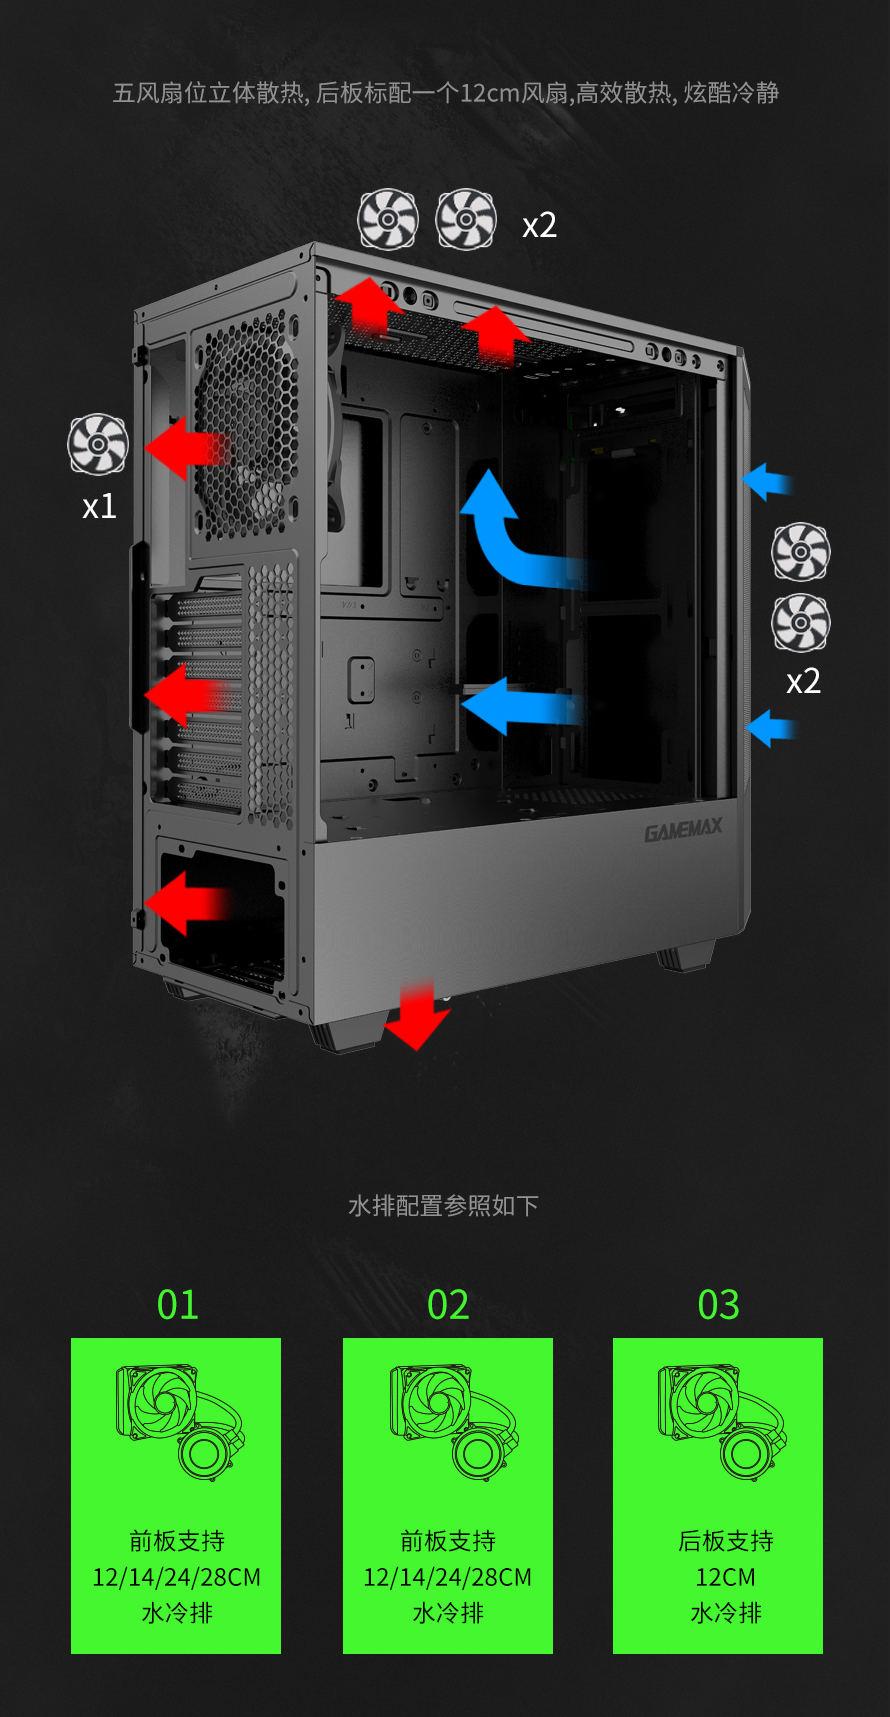 T801_Paladin详情页中文_10.jpg